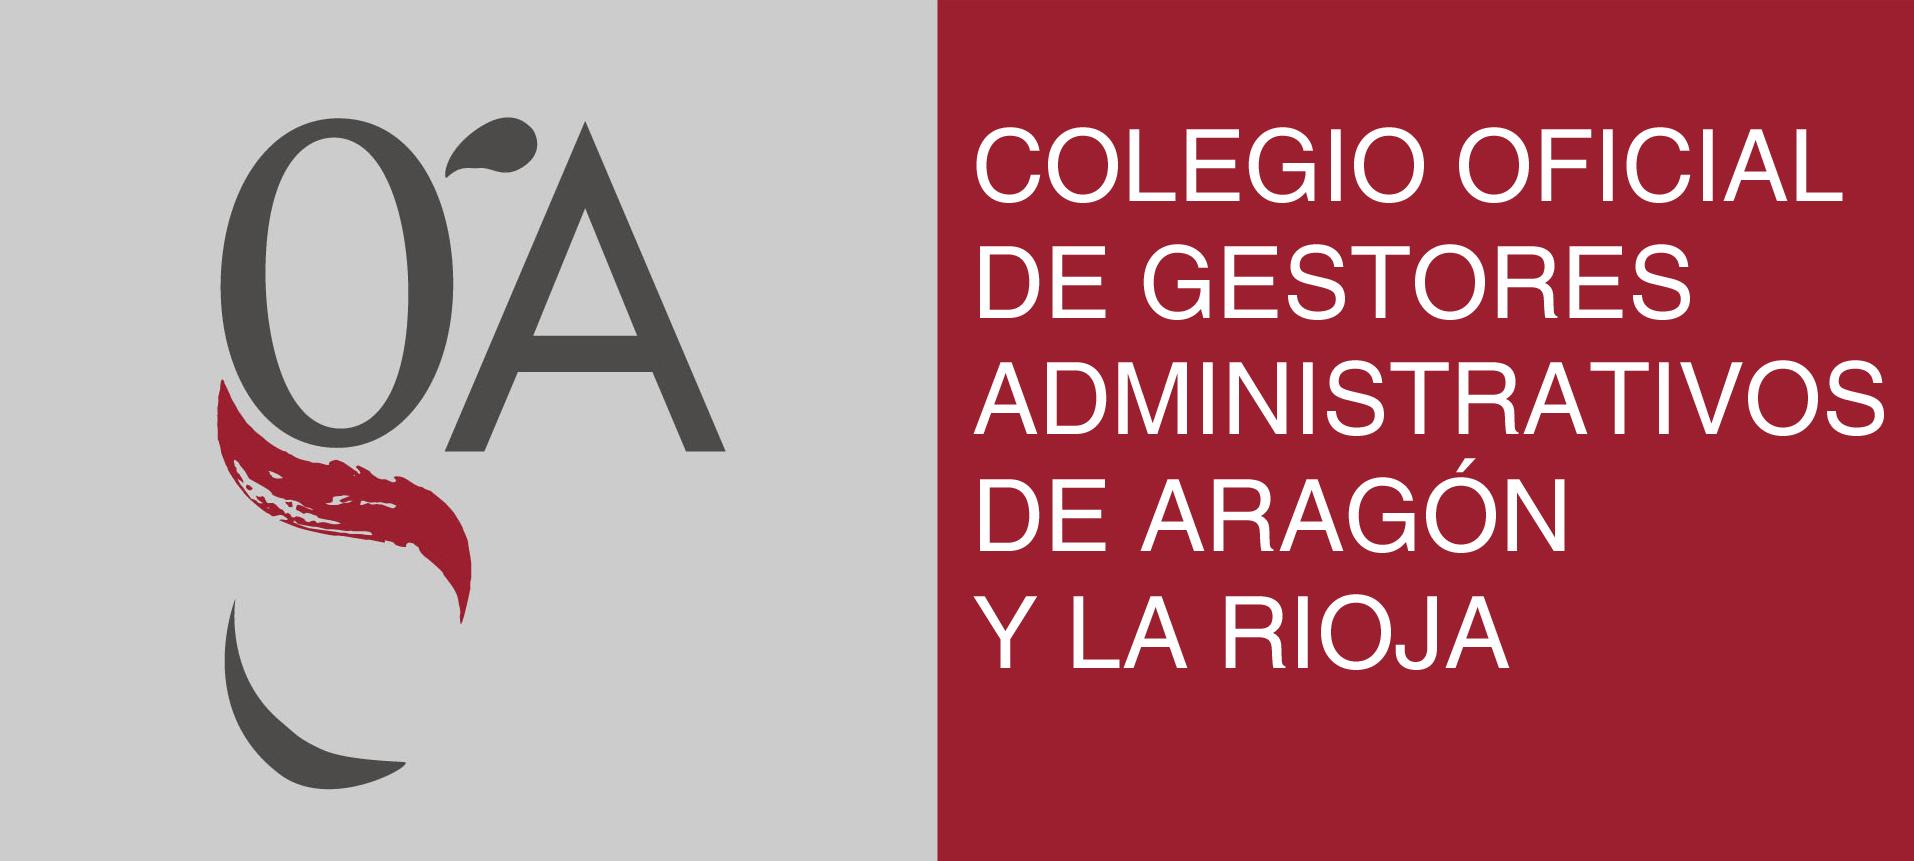 Colegio de Gestores Administrativos de Aragón y La Rioja